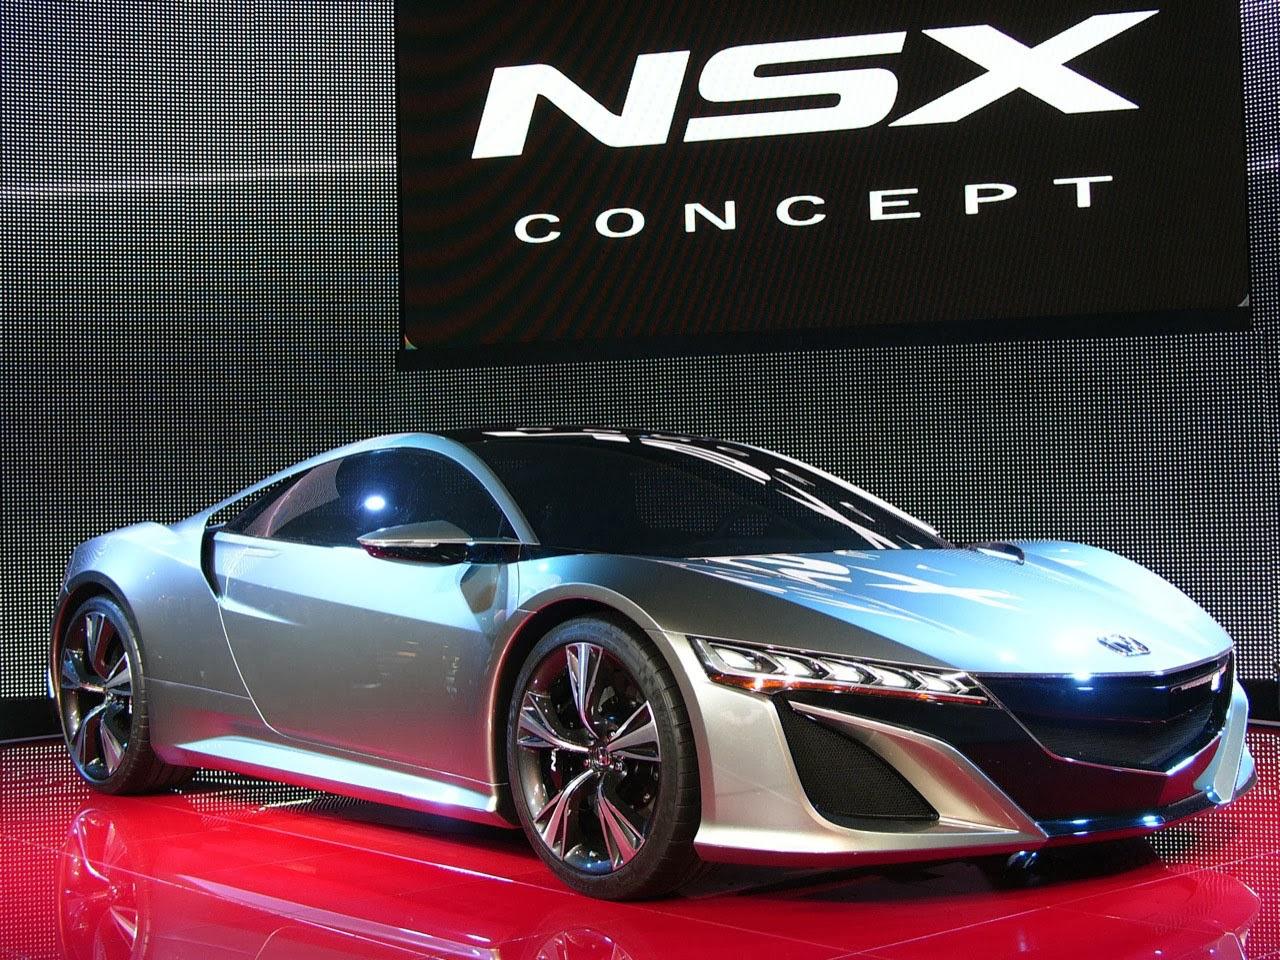 Best Cars Nge Honda Sport Cars